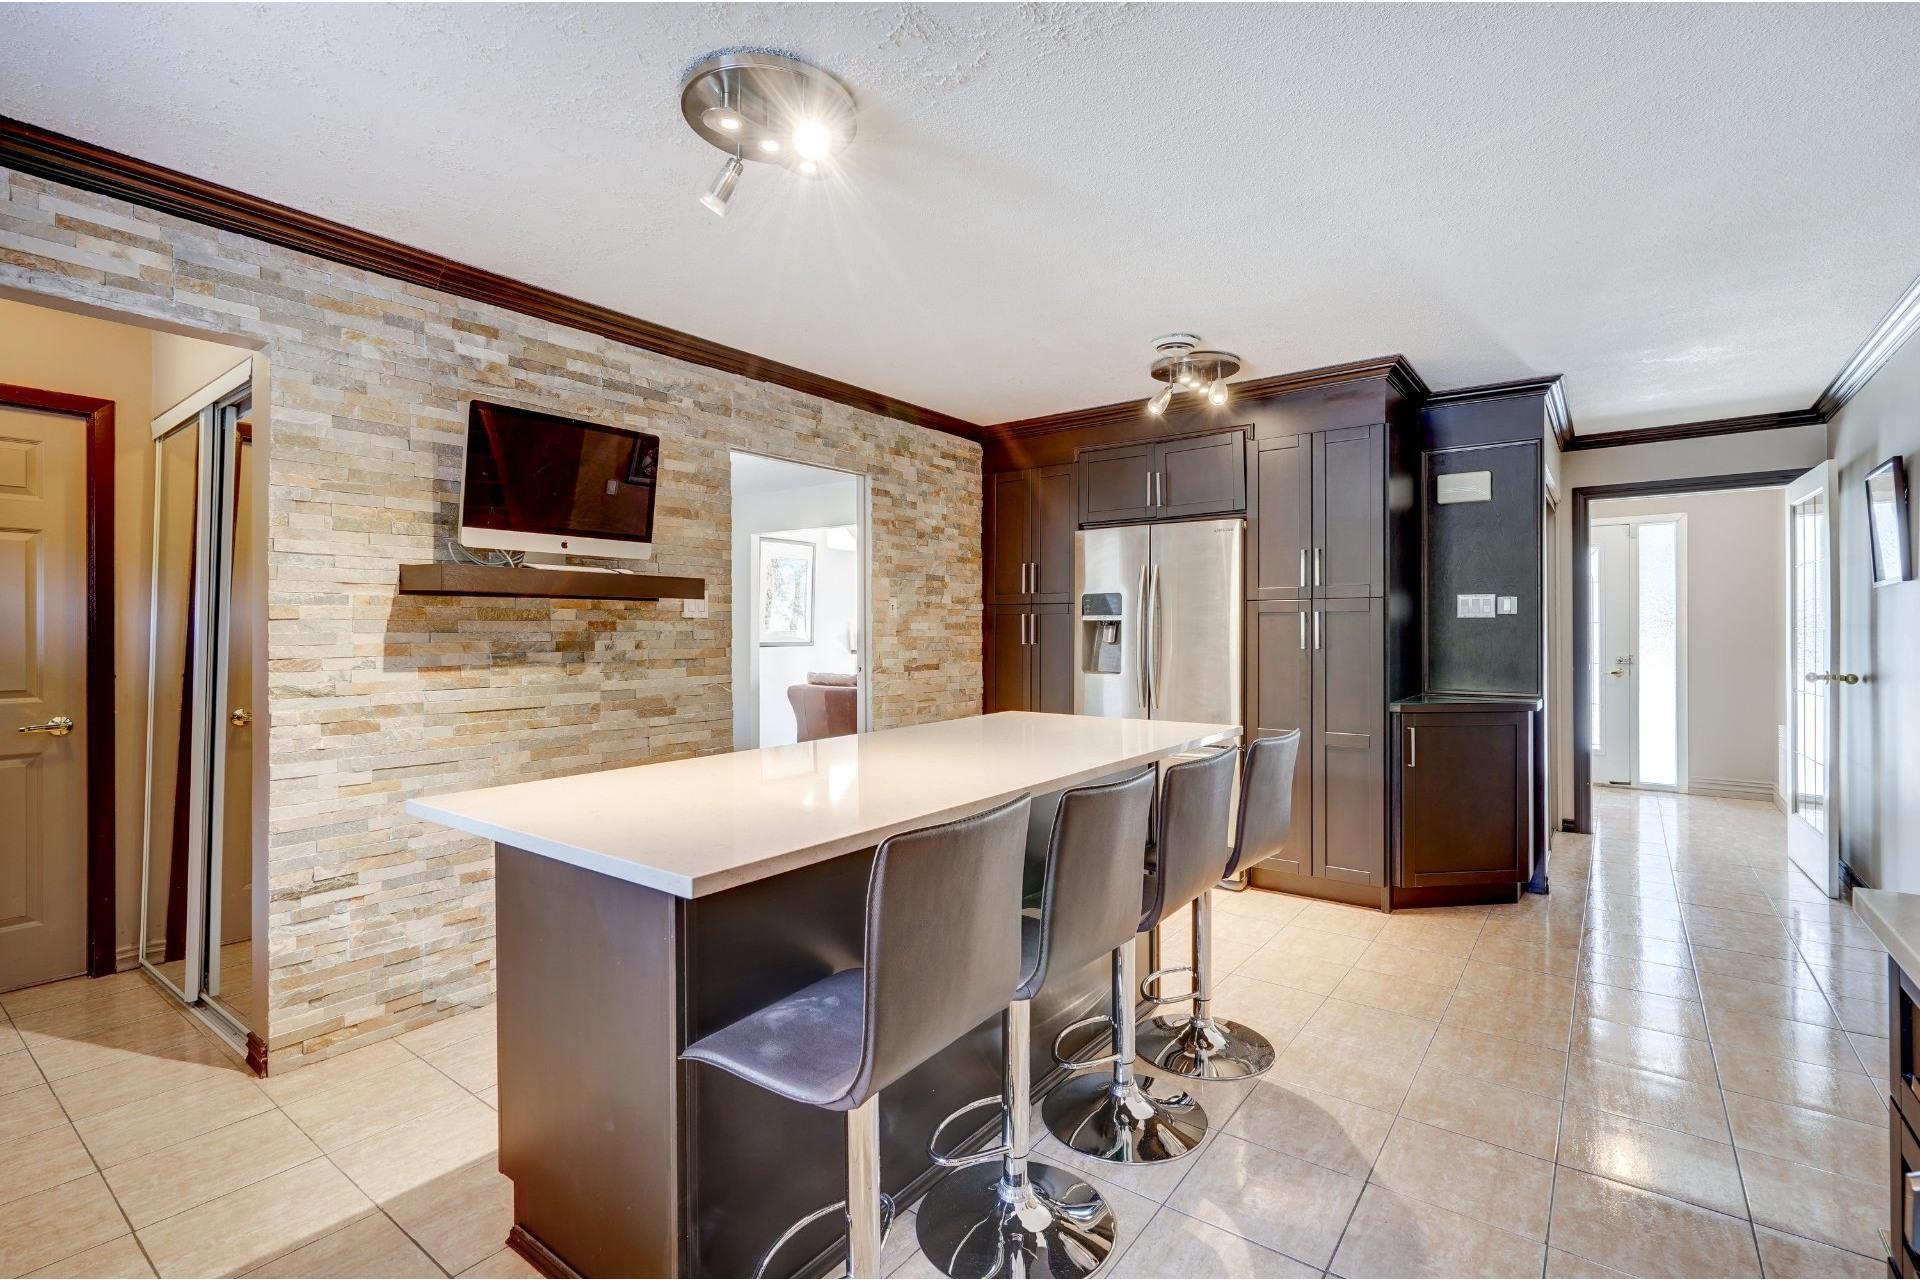 image 10 - House For sale L'Île-Bizard/Sainte-Geneviève Montréal  - 16 rooms